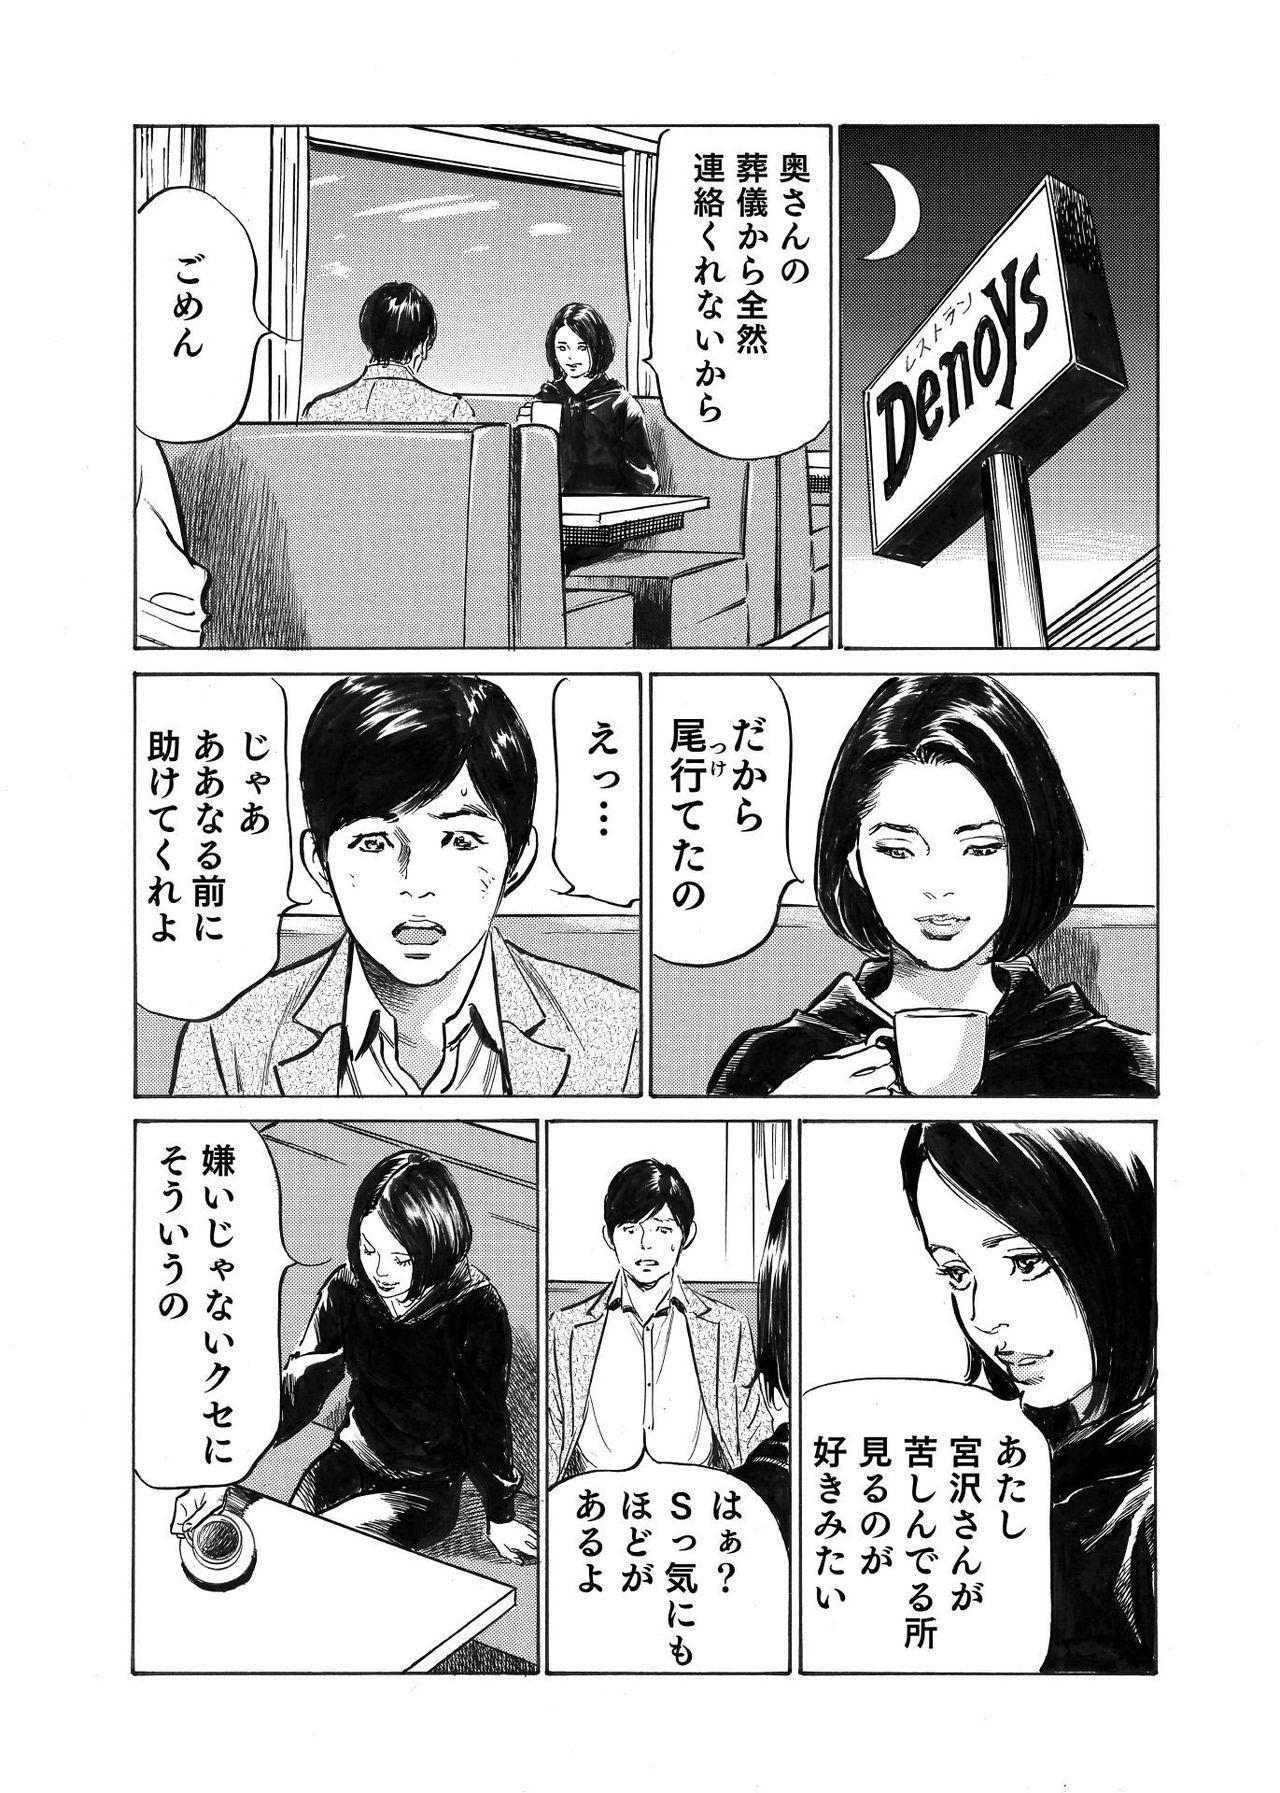 Ore wa Tsuma no Koto o Yoku Shiranai 1-9 59